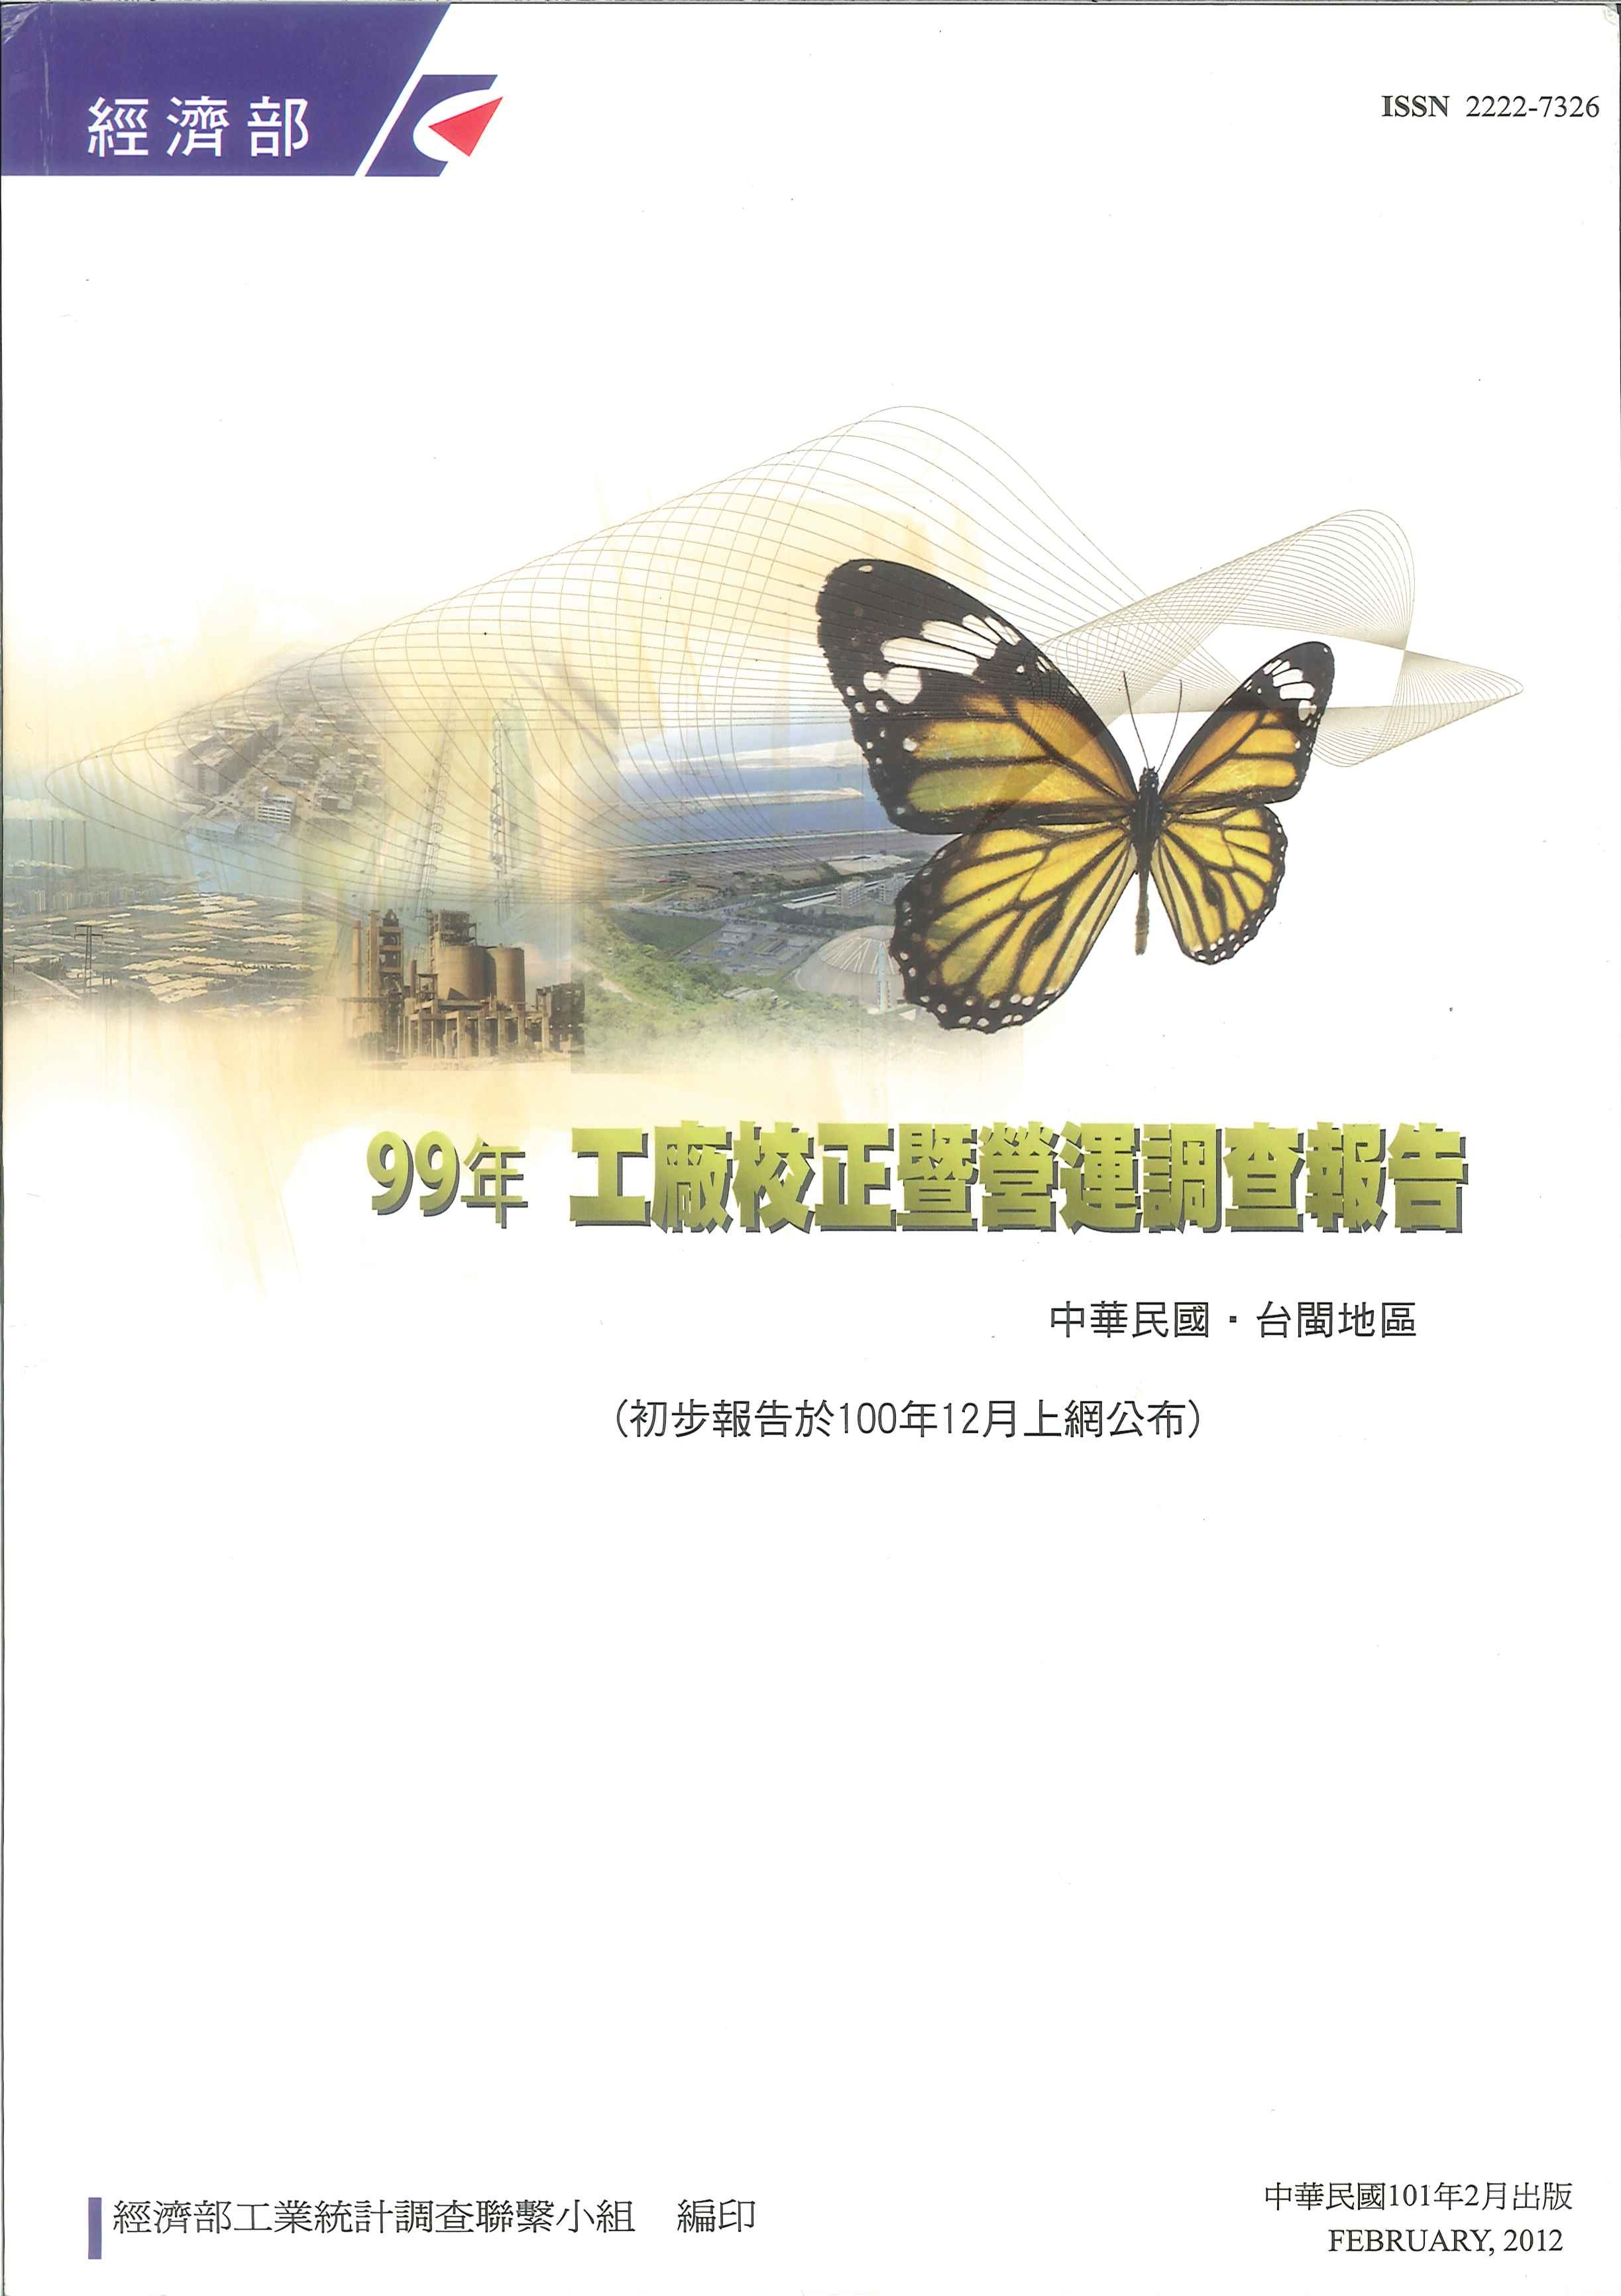 中華民國臺閩地區工廠校正暨營運調查報告